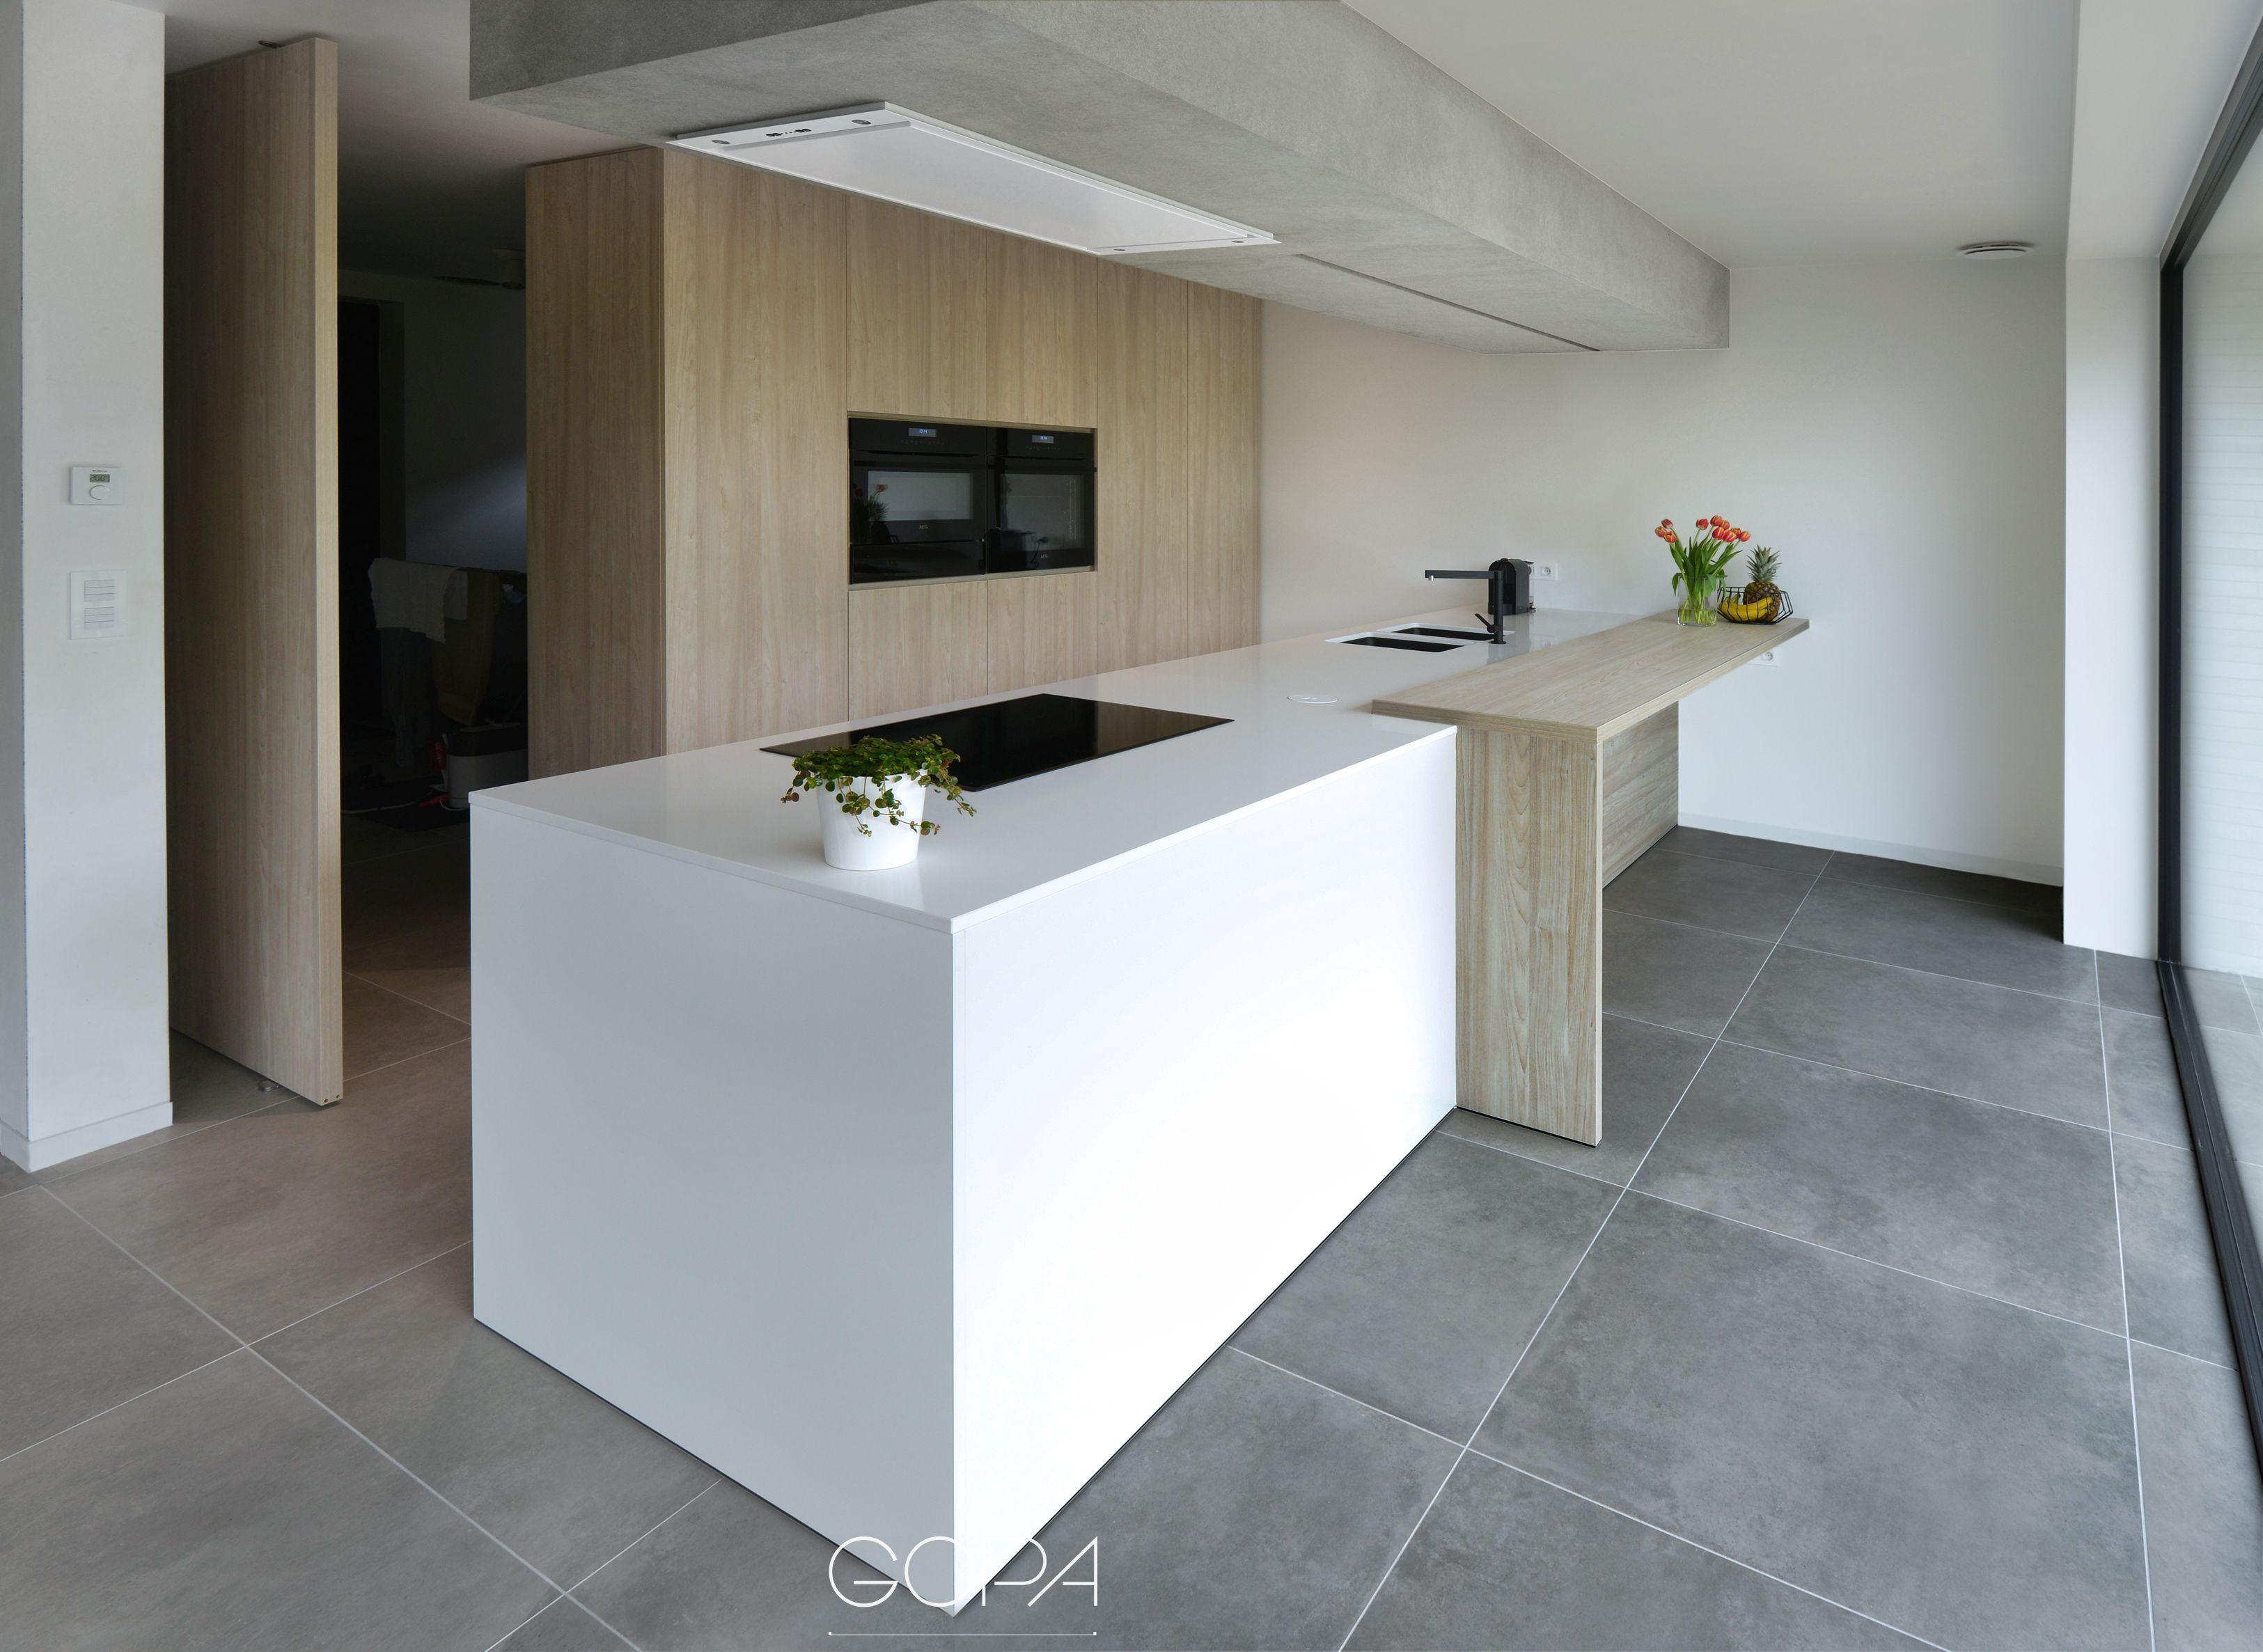 Kleine geintegreerde keukens: vind jij de koelkast in deze keukens